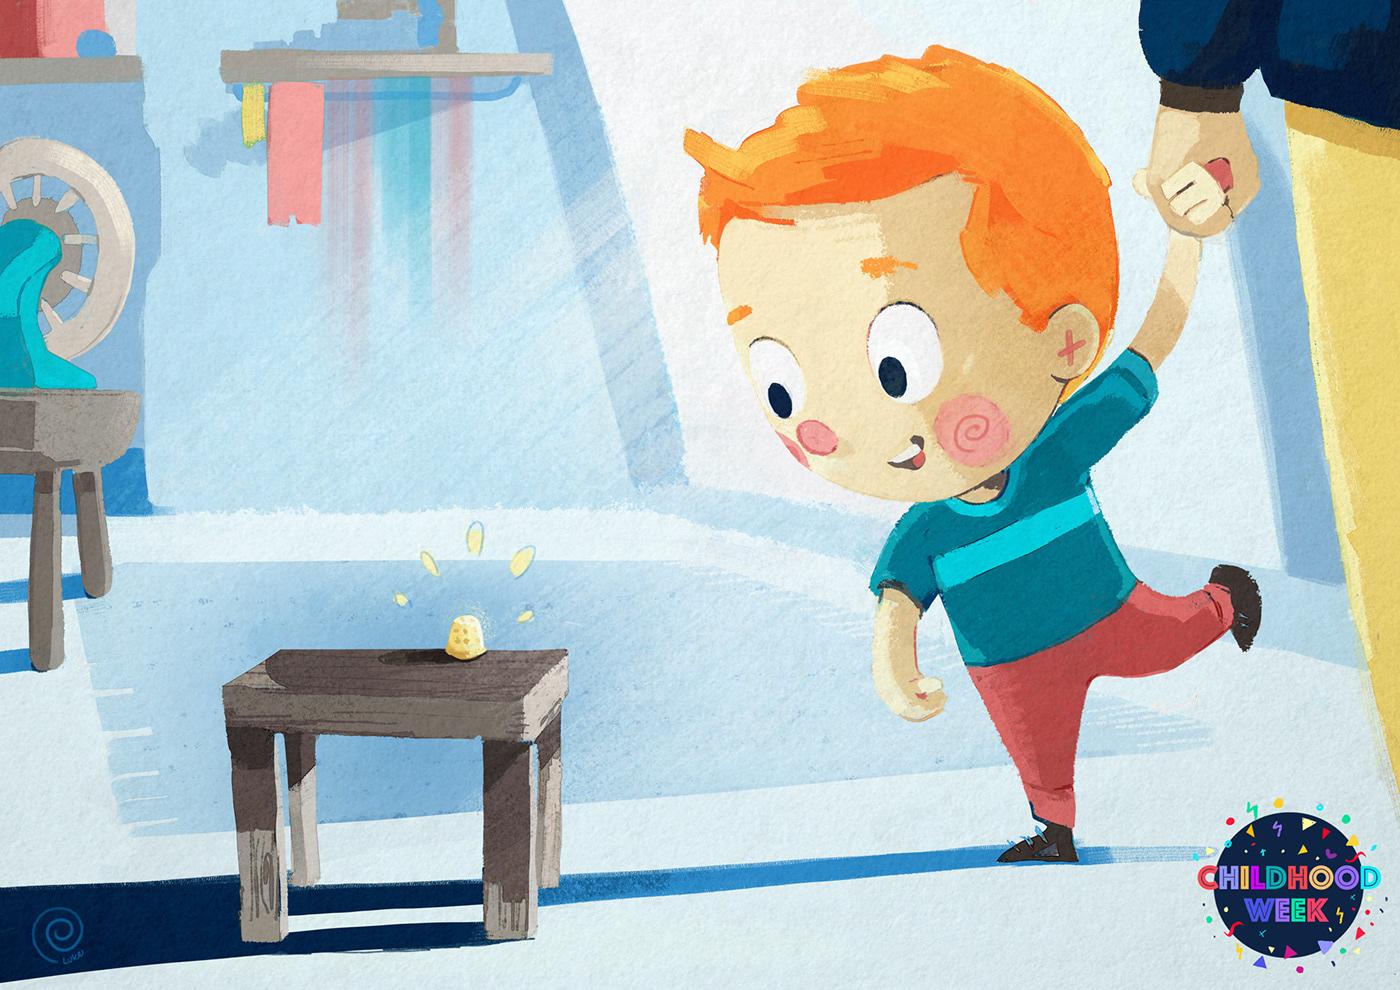 childhood week digital painting ILLUSTRATION